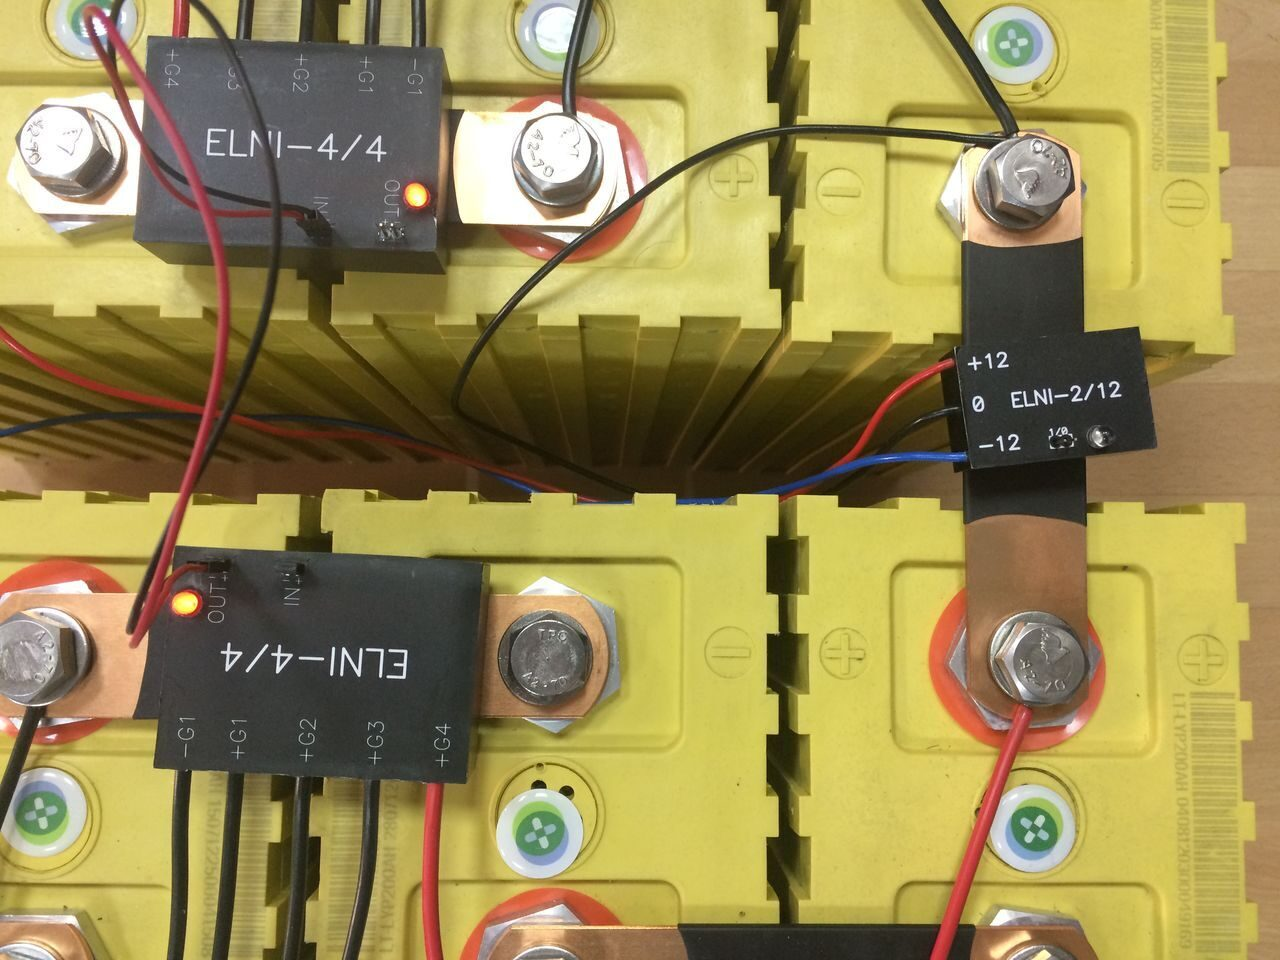 схема заряда батареи нпс оне